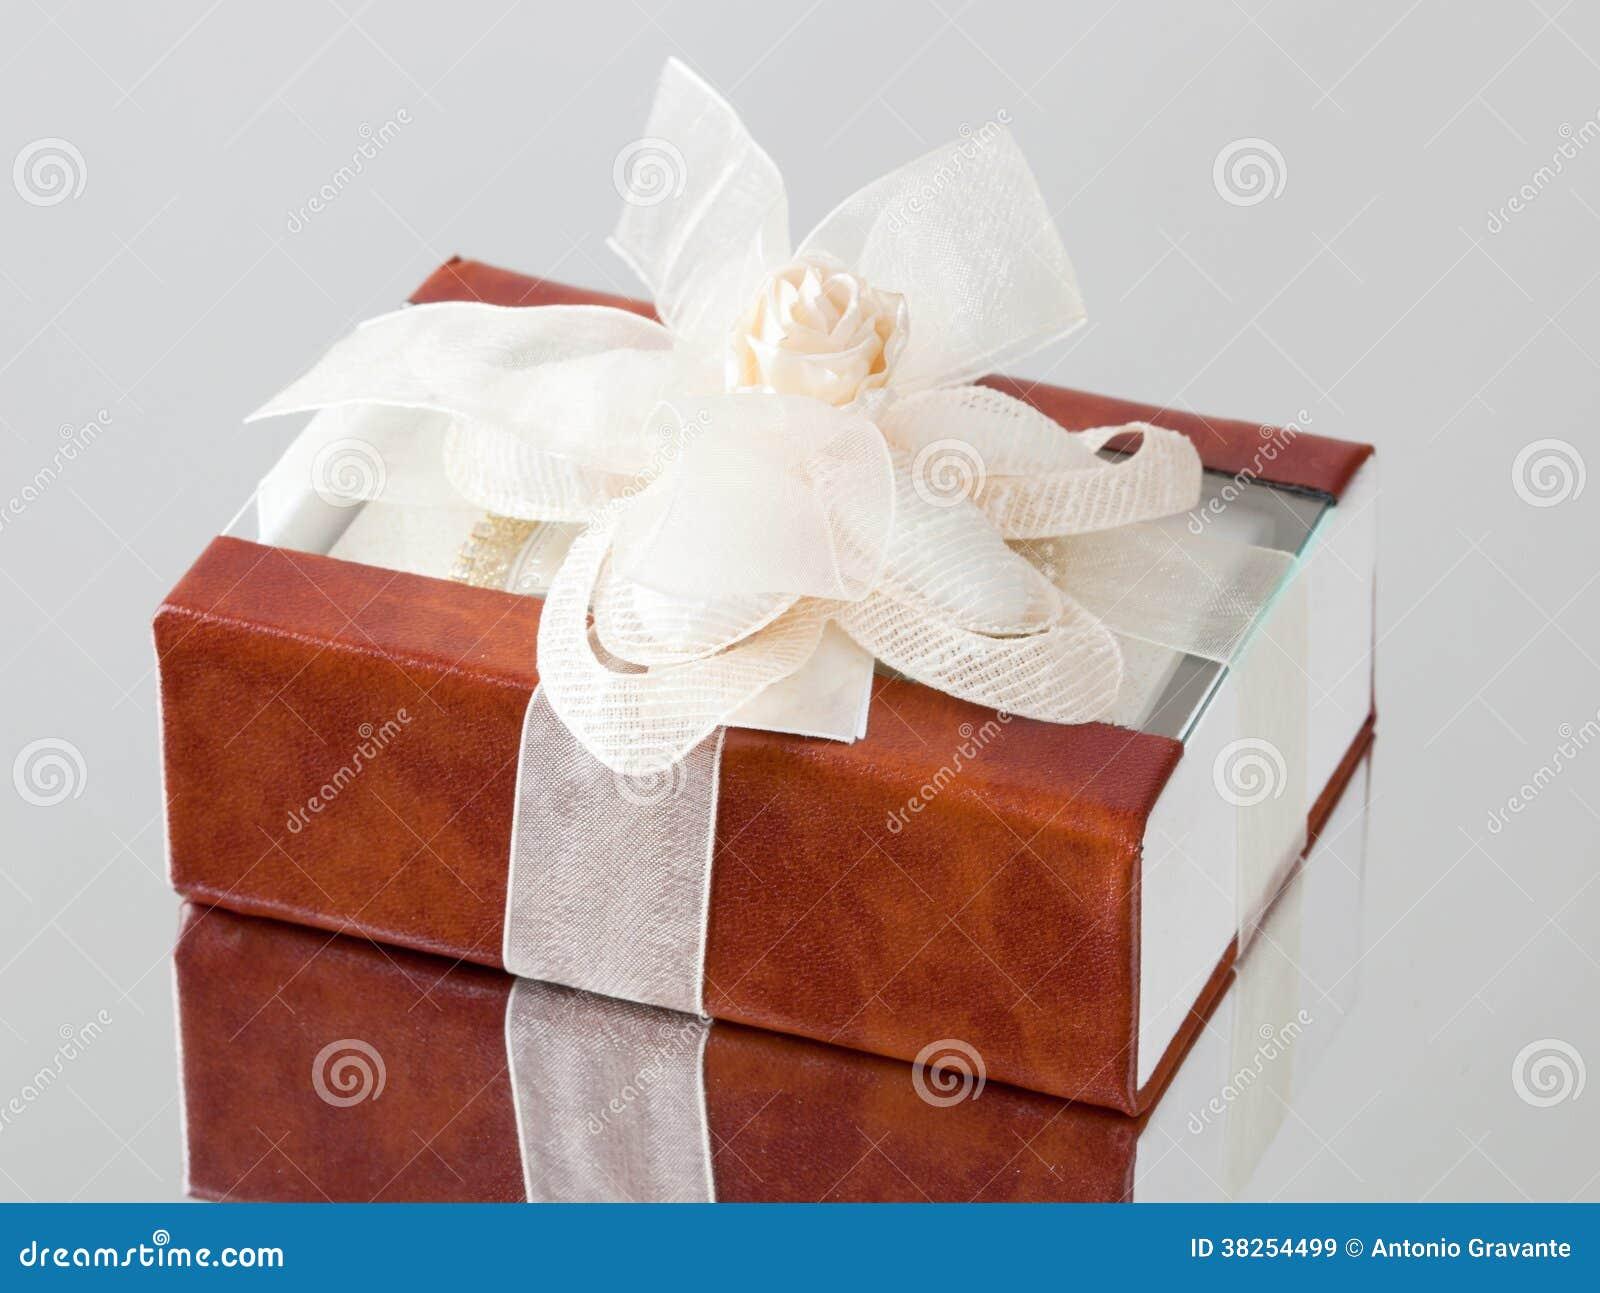 Το κιβώτιο δώρων με μια καφετιά κάλυψη